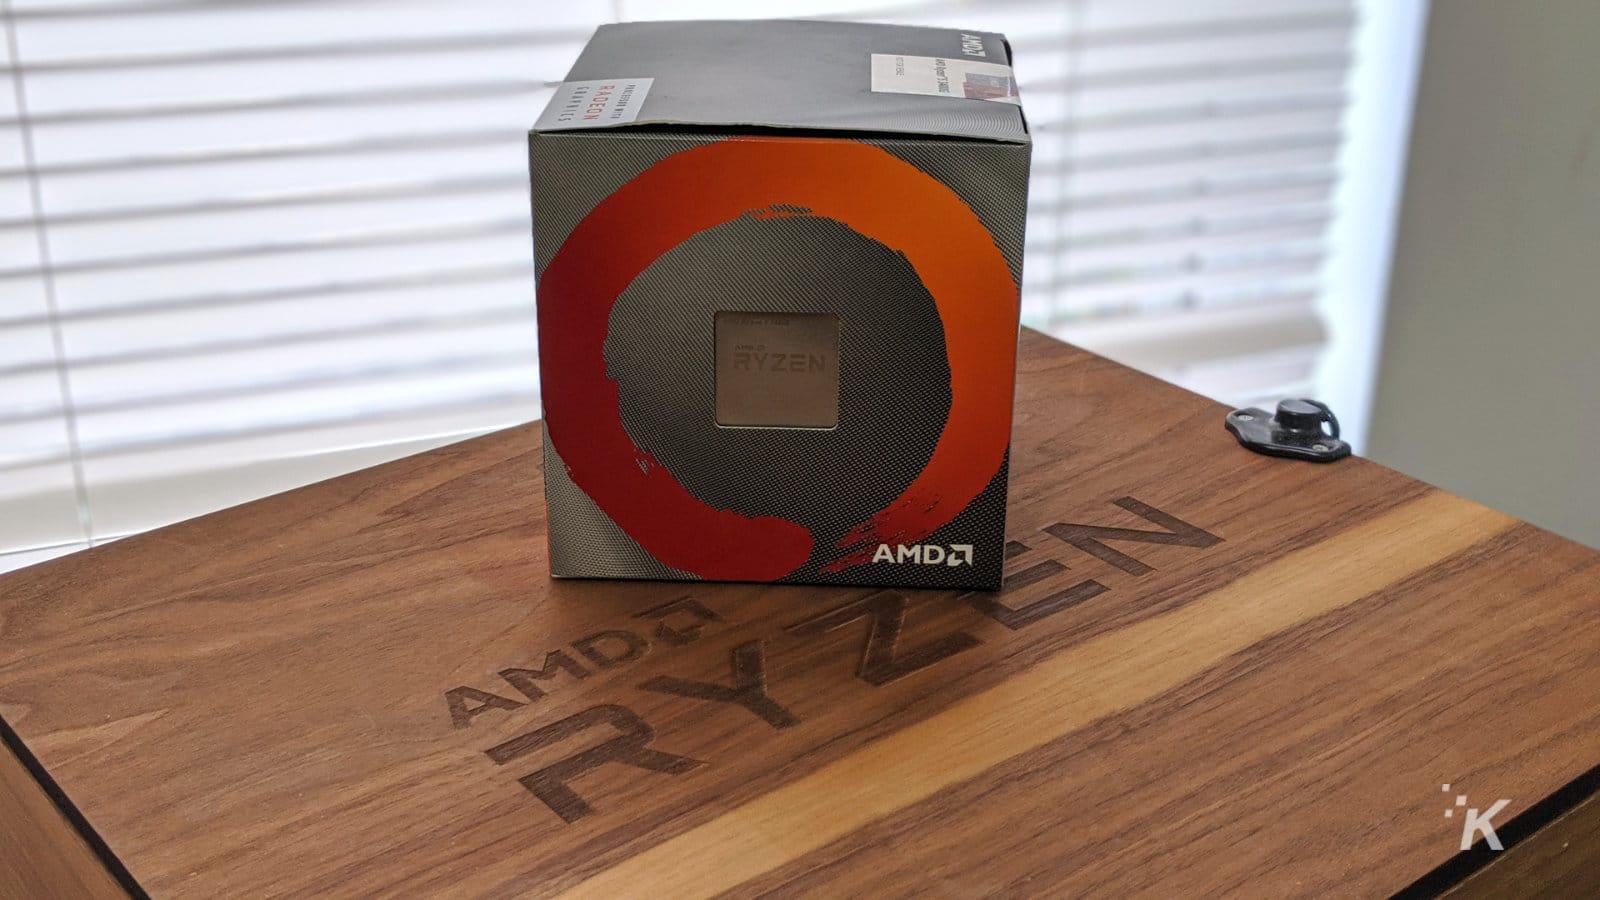 ryzen 3400g cpu processor